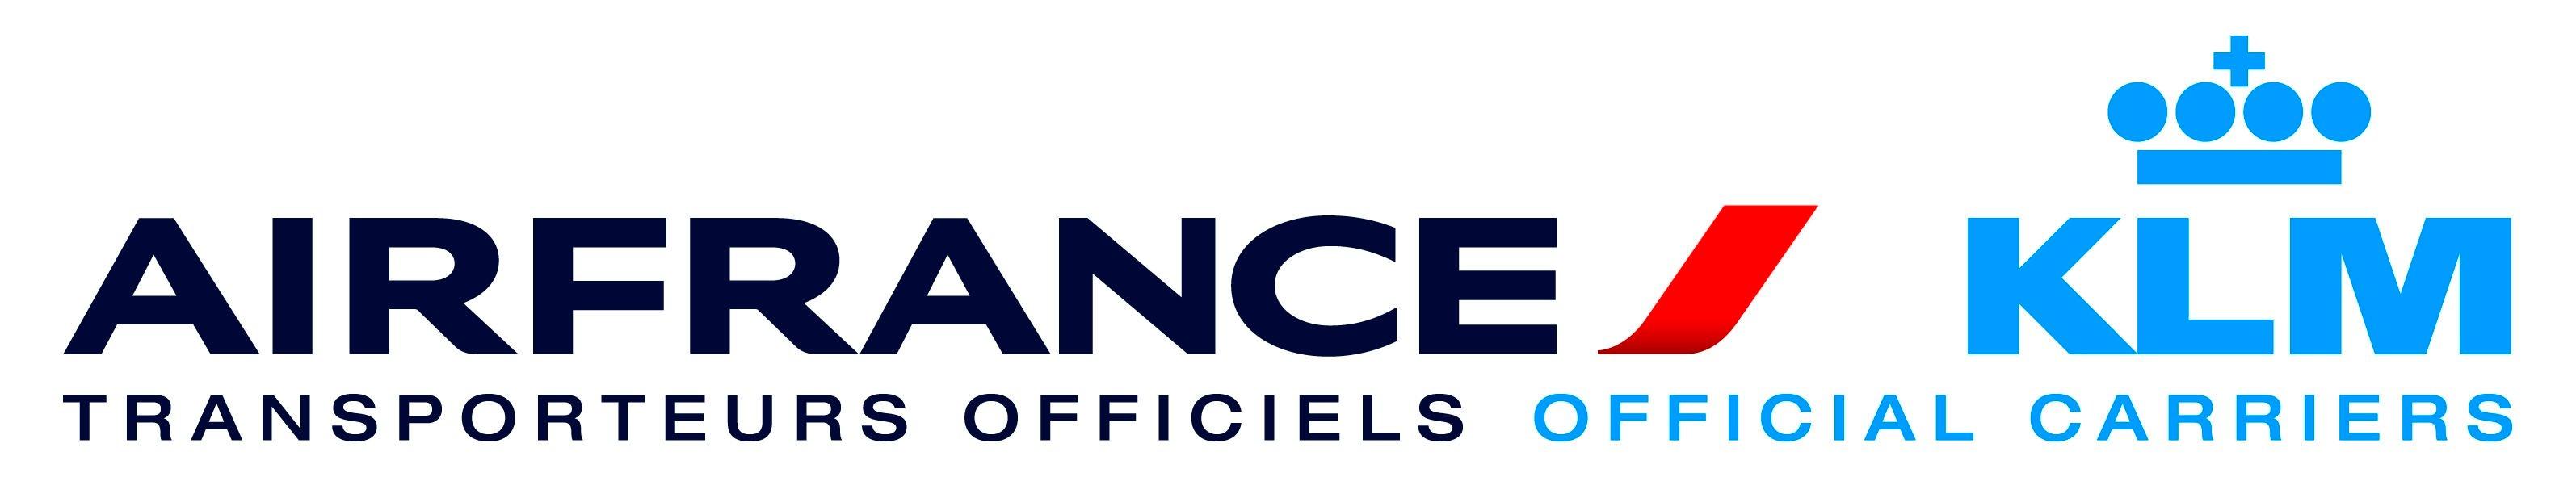 Air France-KLM SA logo